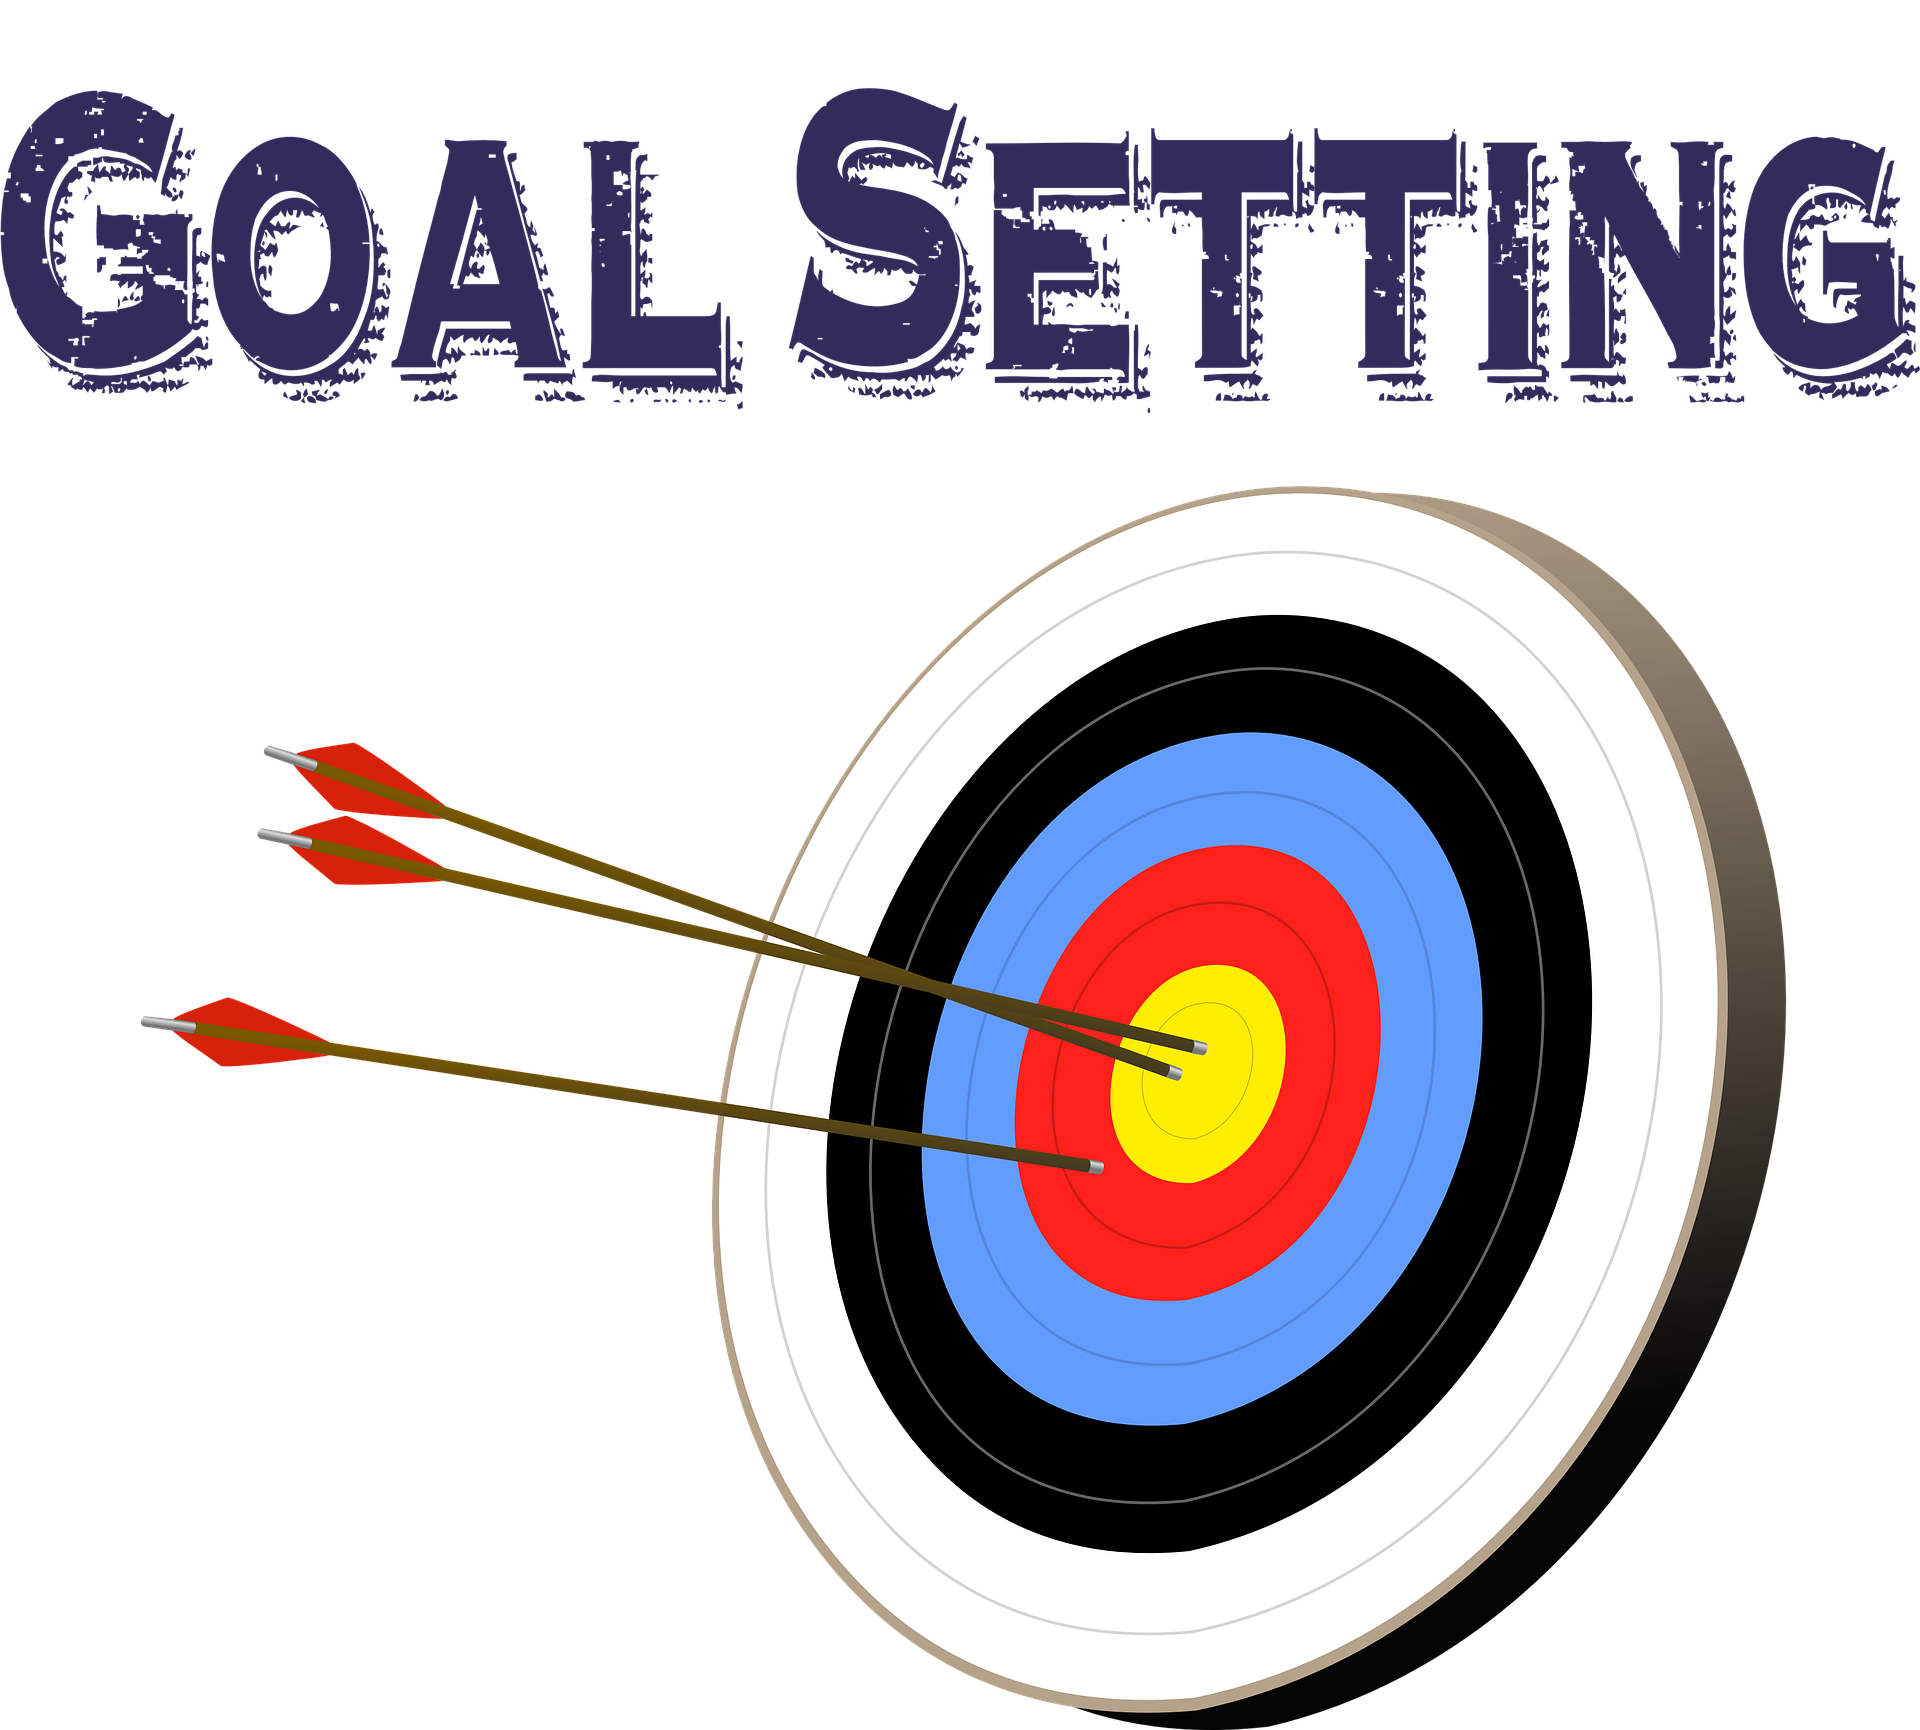 上手に目標設定を行なうための「5つの原則」。